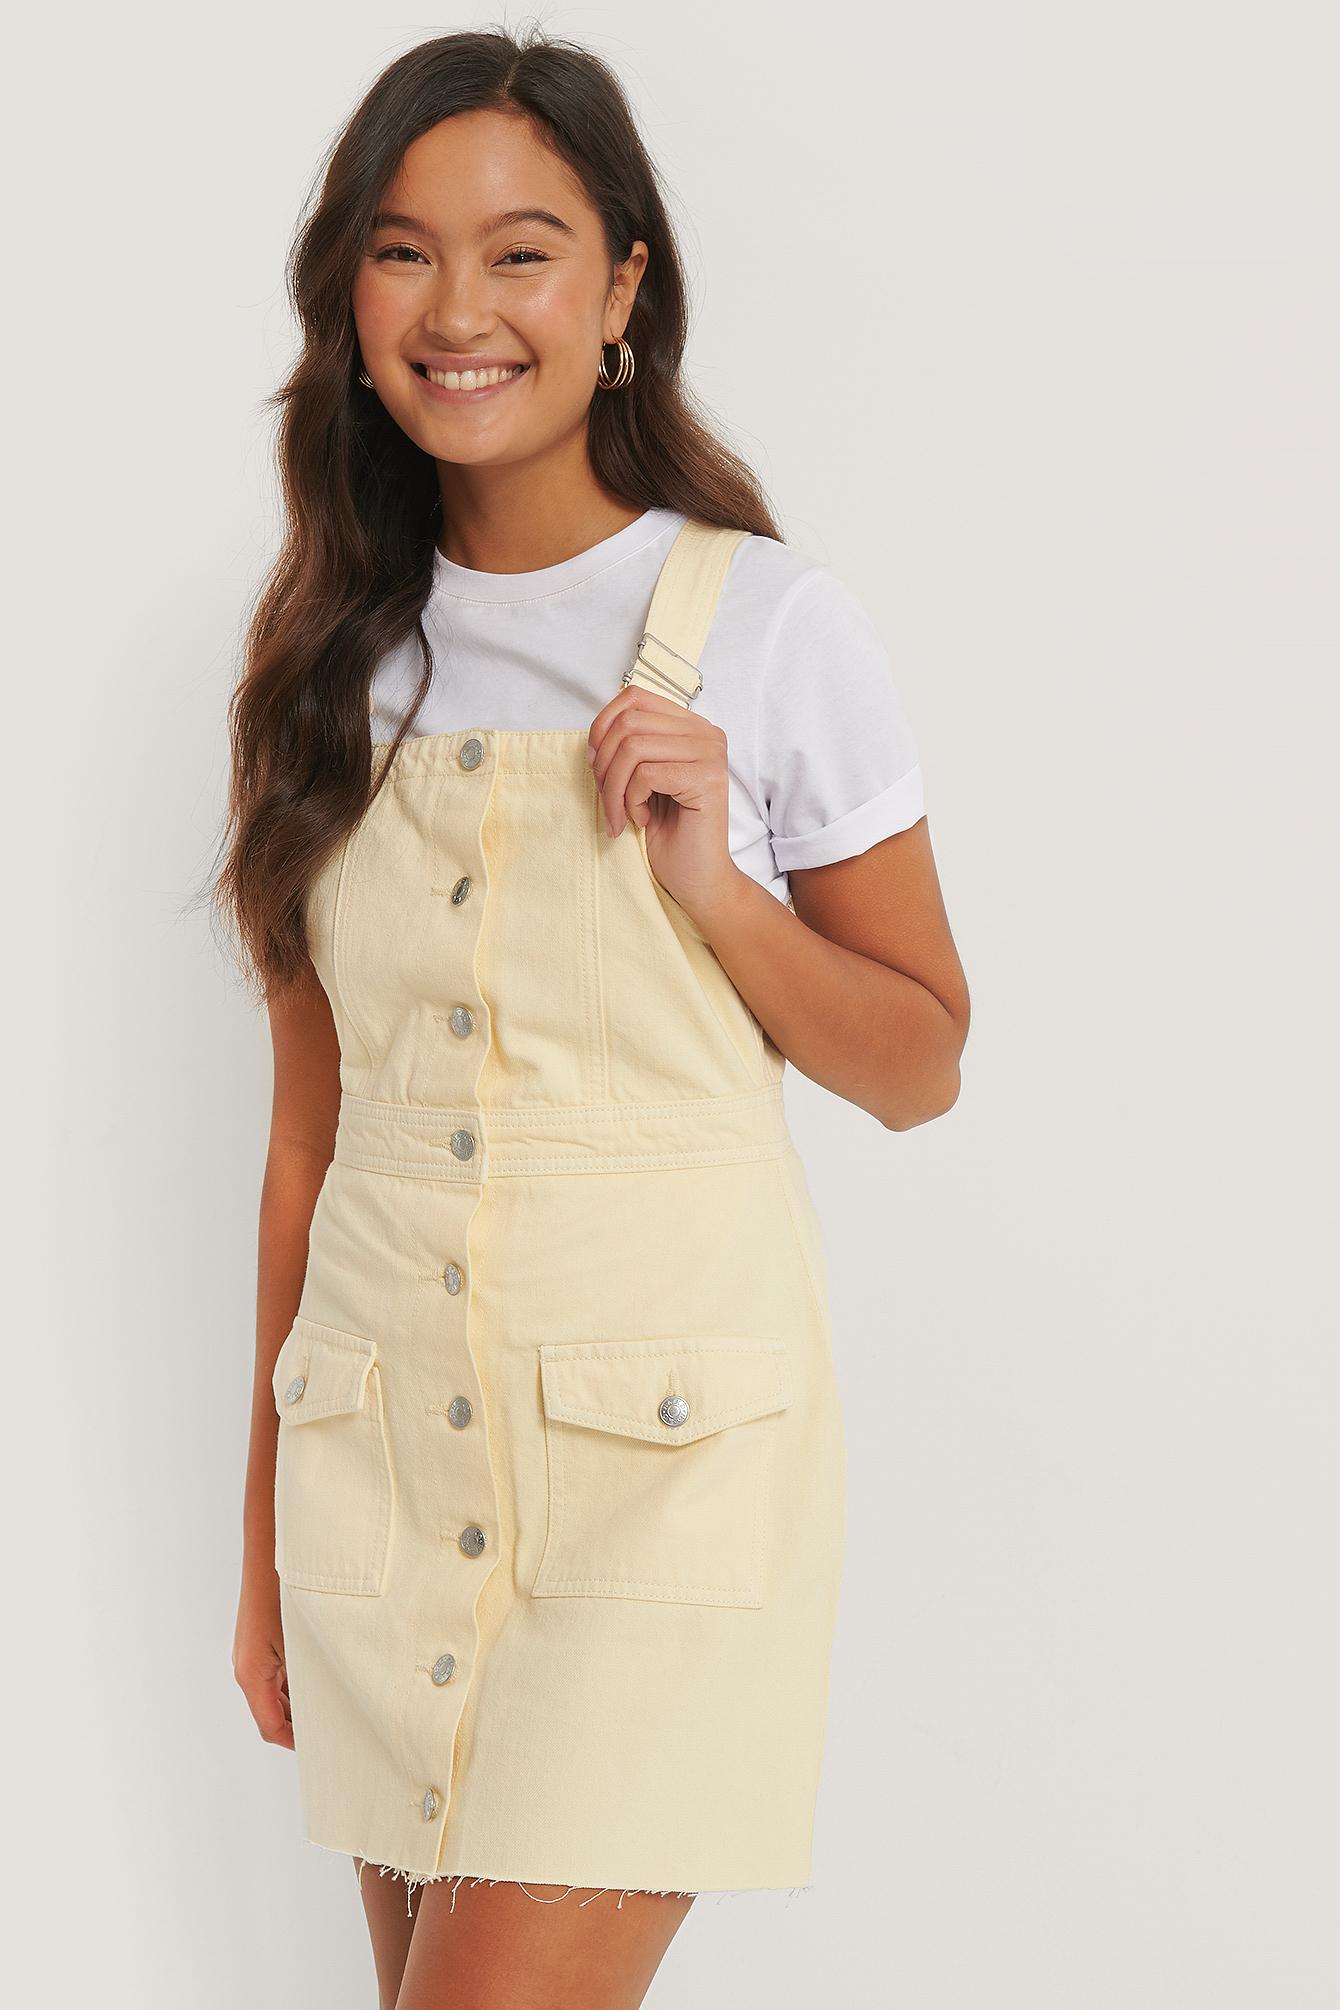 NA-KD Reborn Farbiges Jeanskleid Aus Bio-Baumwolle - Yellow   Bekleidung > Kleider > Jeanskleider   NA-KD Reborn